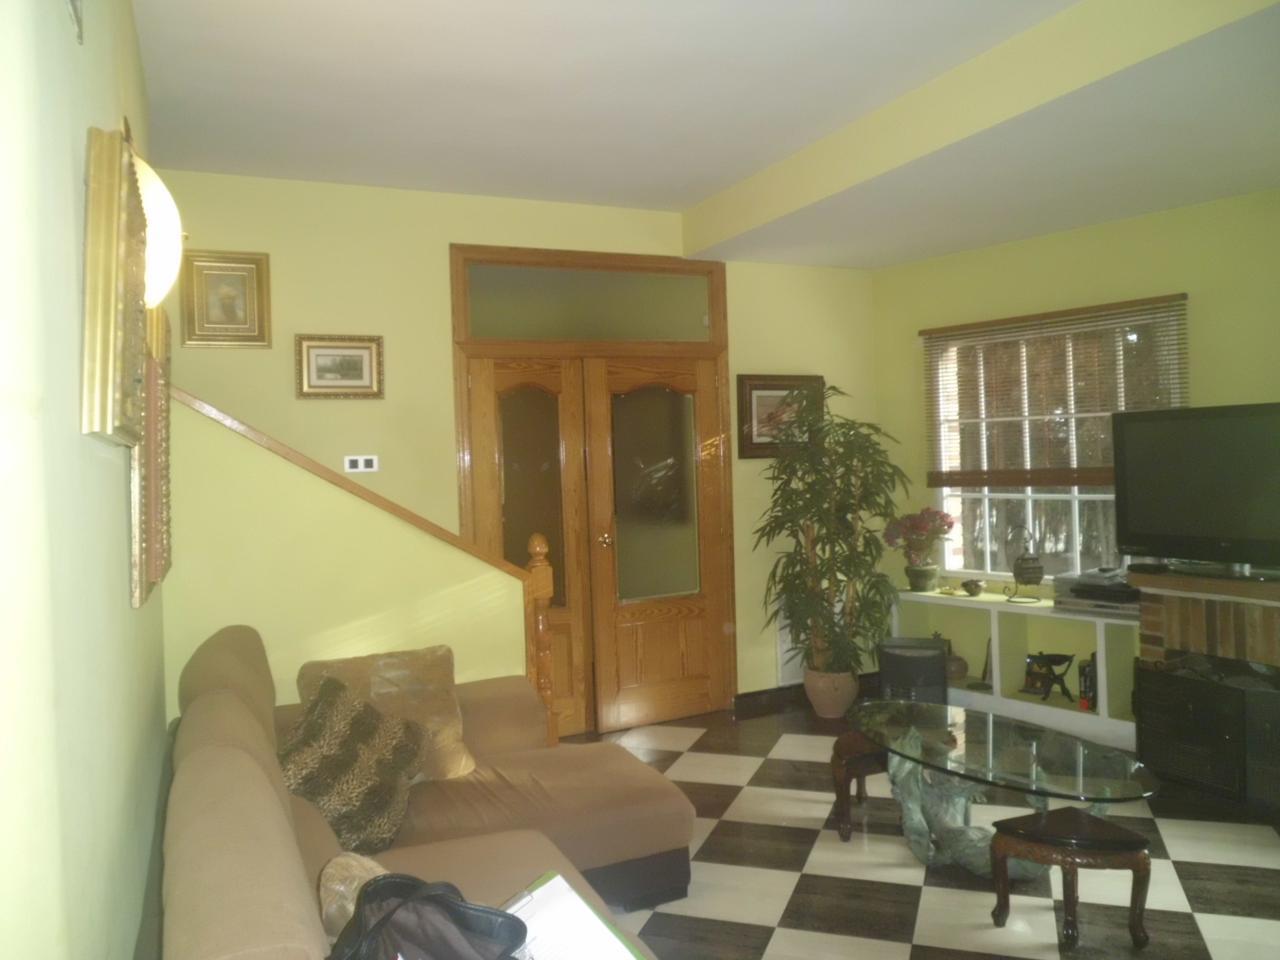 Inmorivas casa chalet en venta en rivas vaciamadrid de 210 m2 - Casas en rivas vaciamadrid ...